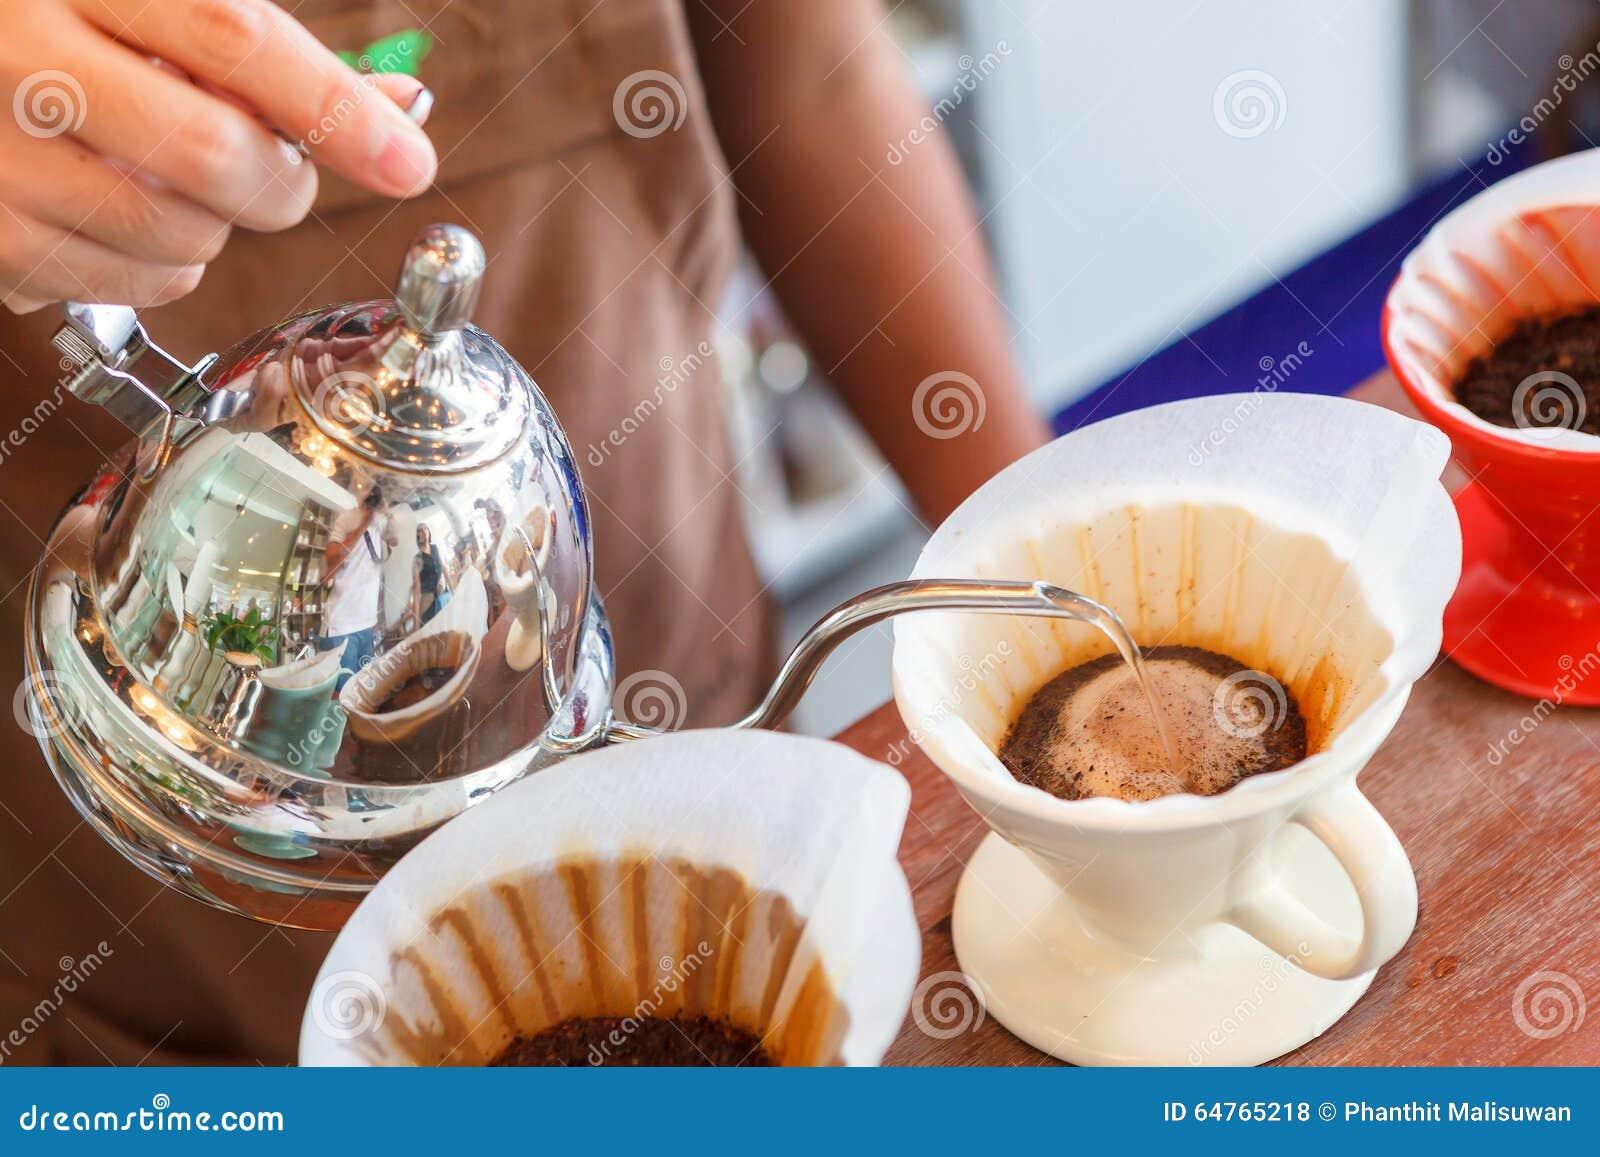 Entregue o café do gotejamento, água de derramamento de Barista na borra de café com filtro